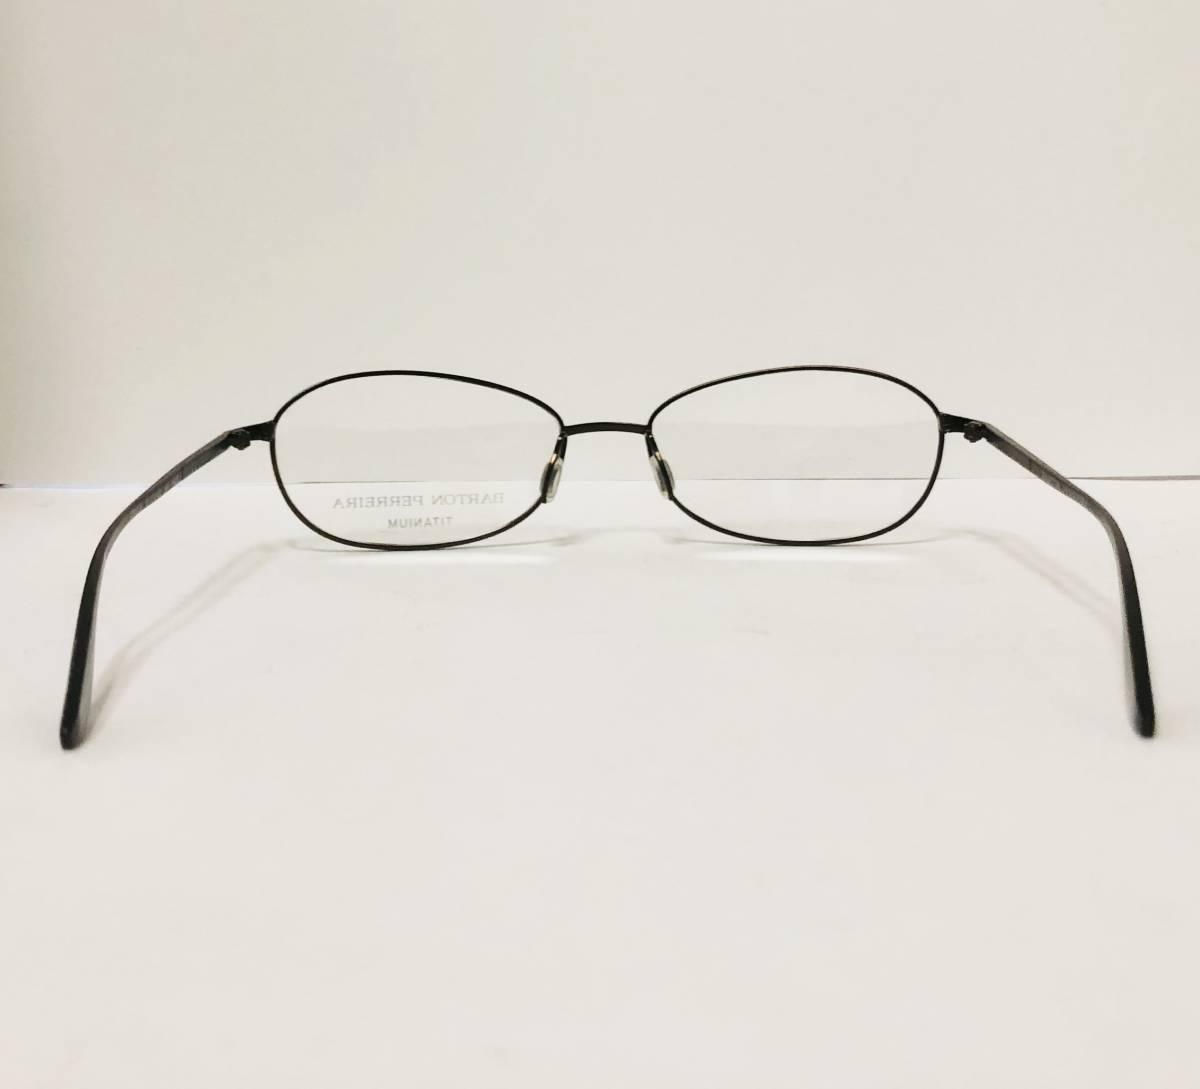 定価 42,500円 バートンペレイラ ヘイゼル チタン製 日本製 黒小金色 Barton Perreira メガネ 米国ブランド_画像8